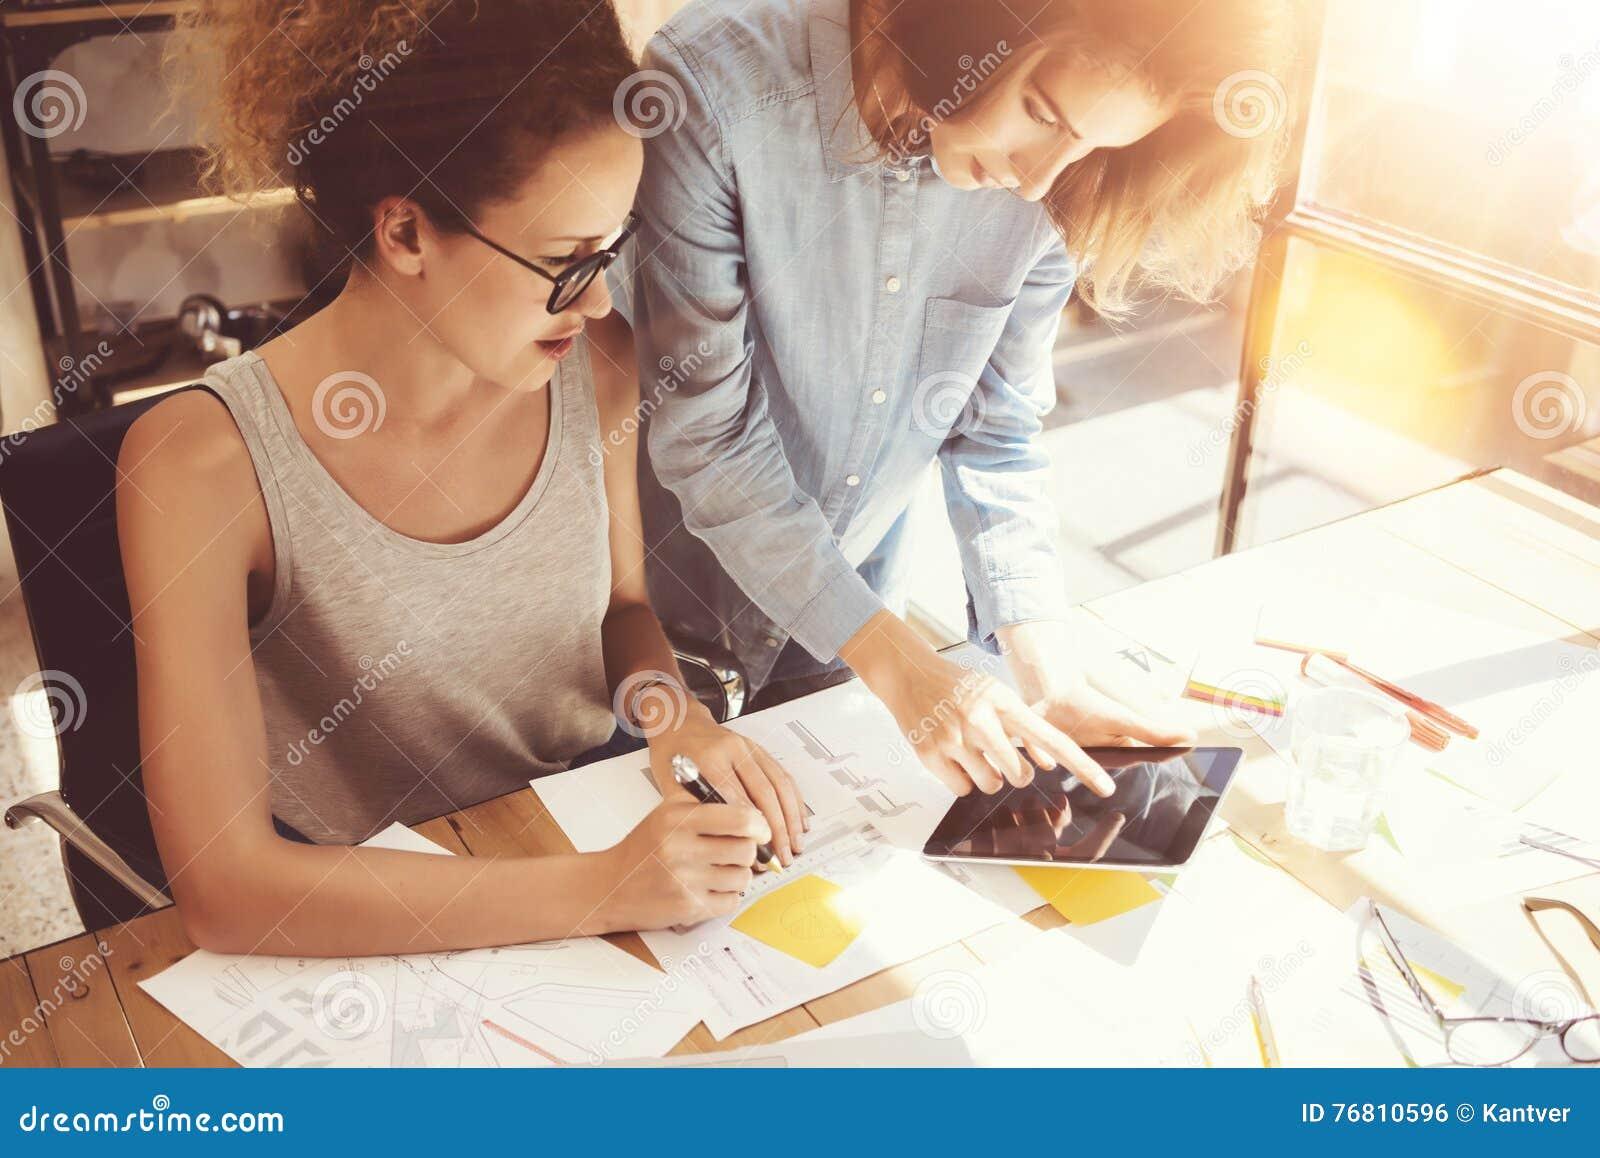 Compañeros de trabajo de la mujer que toman grandes decisiones económicas Oficina de comercialización joven de Team Discussion Co